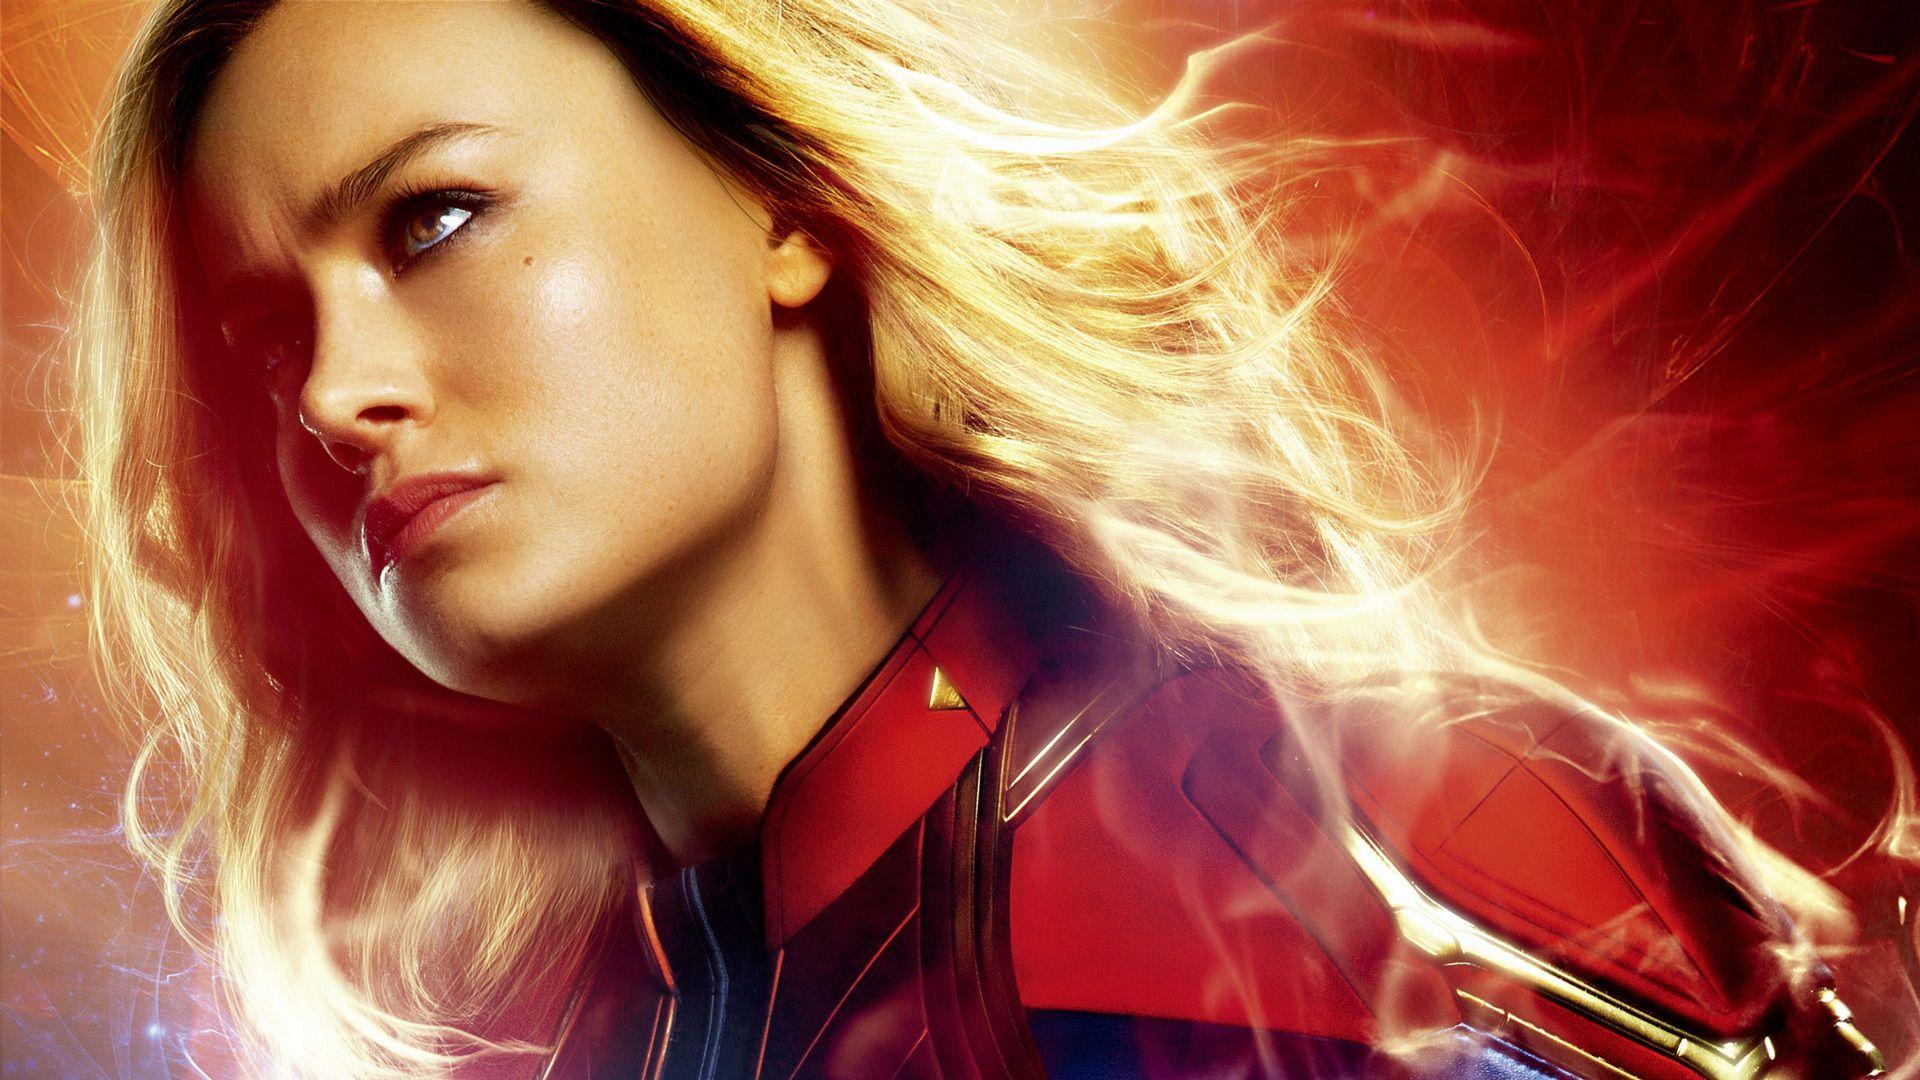 Captain Marvel 1920x1080 wallpaper